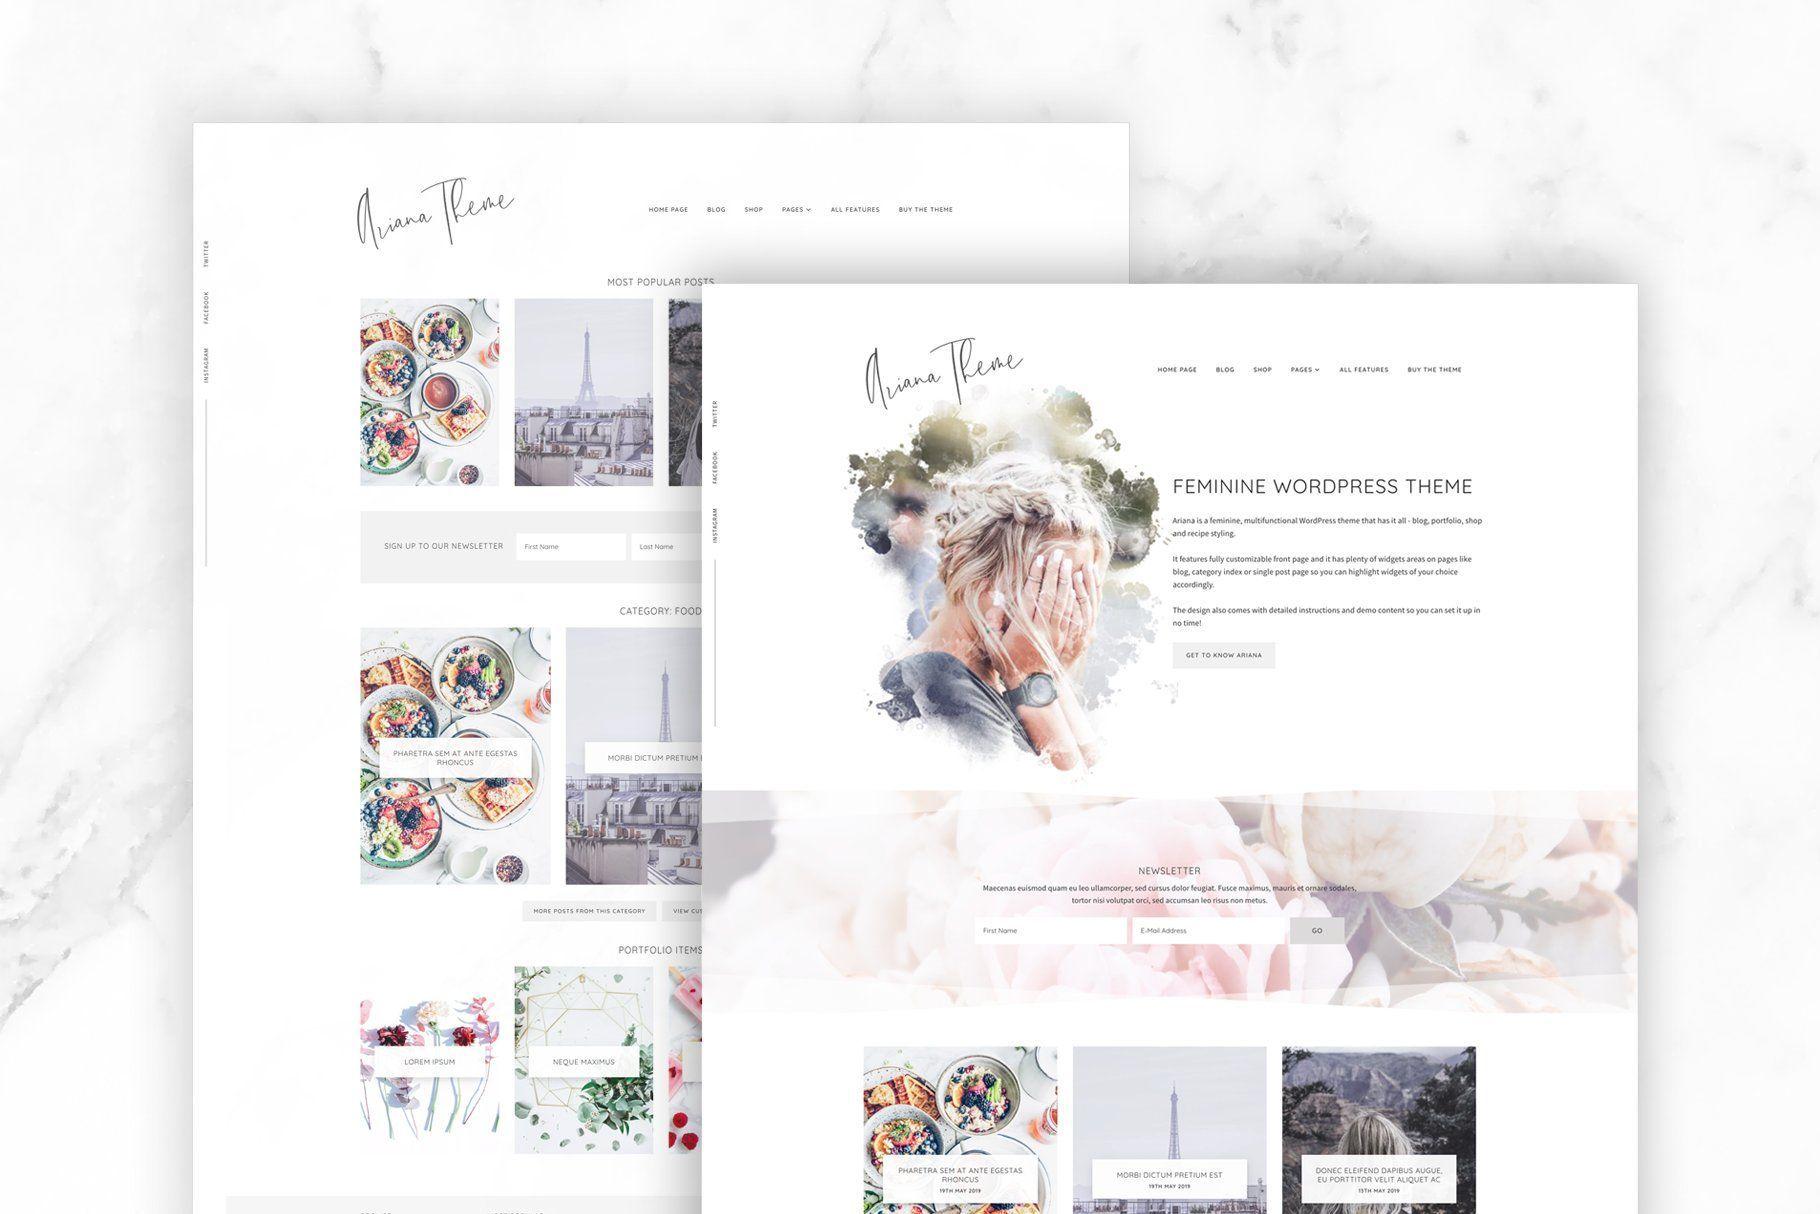 Ariana Feminine Wordpress Theme Feminine Wordpress Theme Wordpress Theme Blog Themes Wordpress